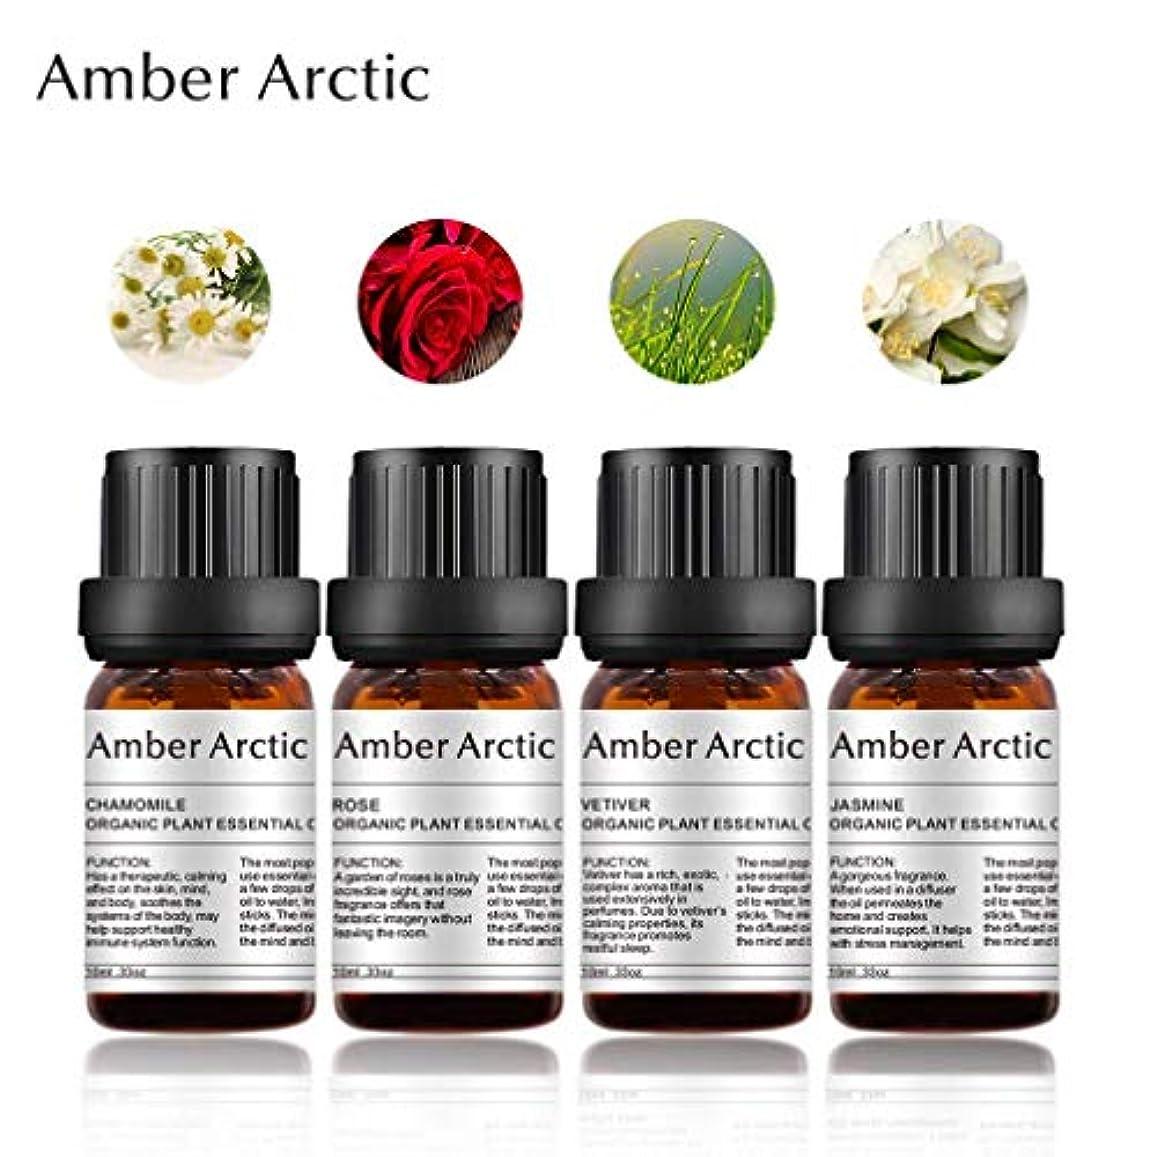 士気クリケット必需品Amber Arctic 4 パック 精油 セット、 100% 純粋 天然 アロマ 最良 治療 グレード エッセンシャル オイル (ジャスミン、 ベチバー、 ローズ、 カモミール)